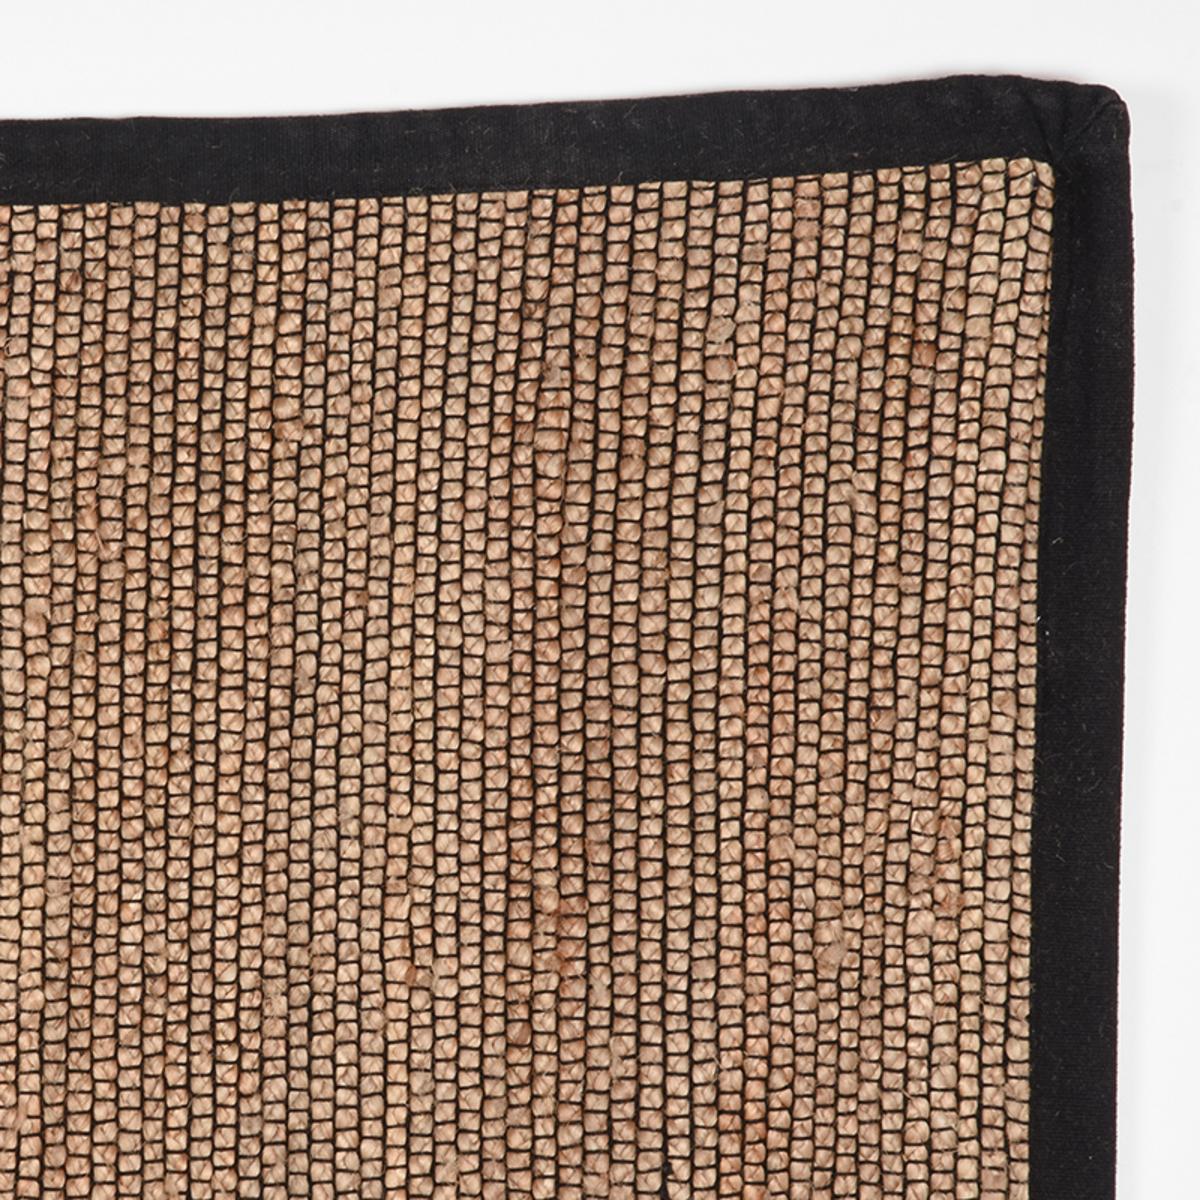 Vloerkleed Jute - Zwart - Jute - 140x160 Cm